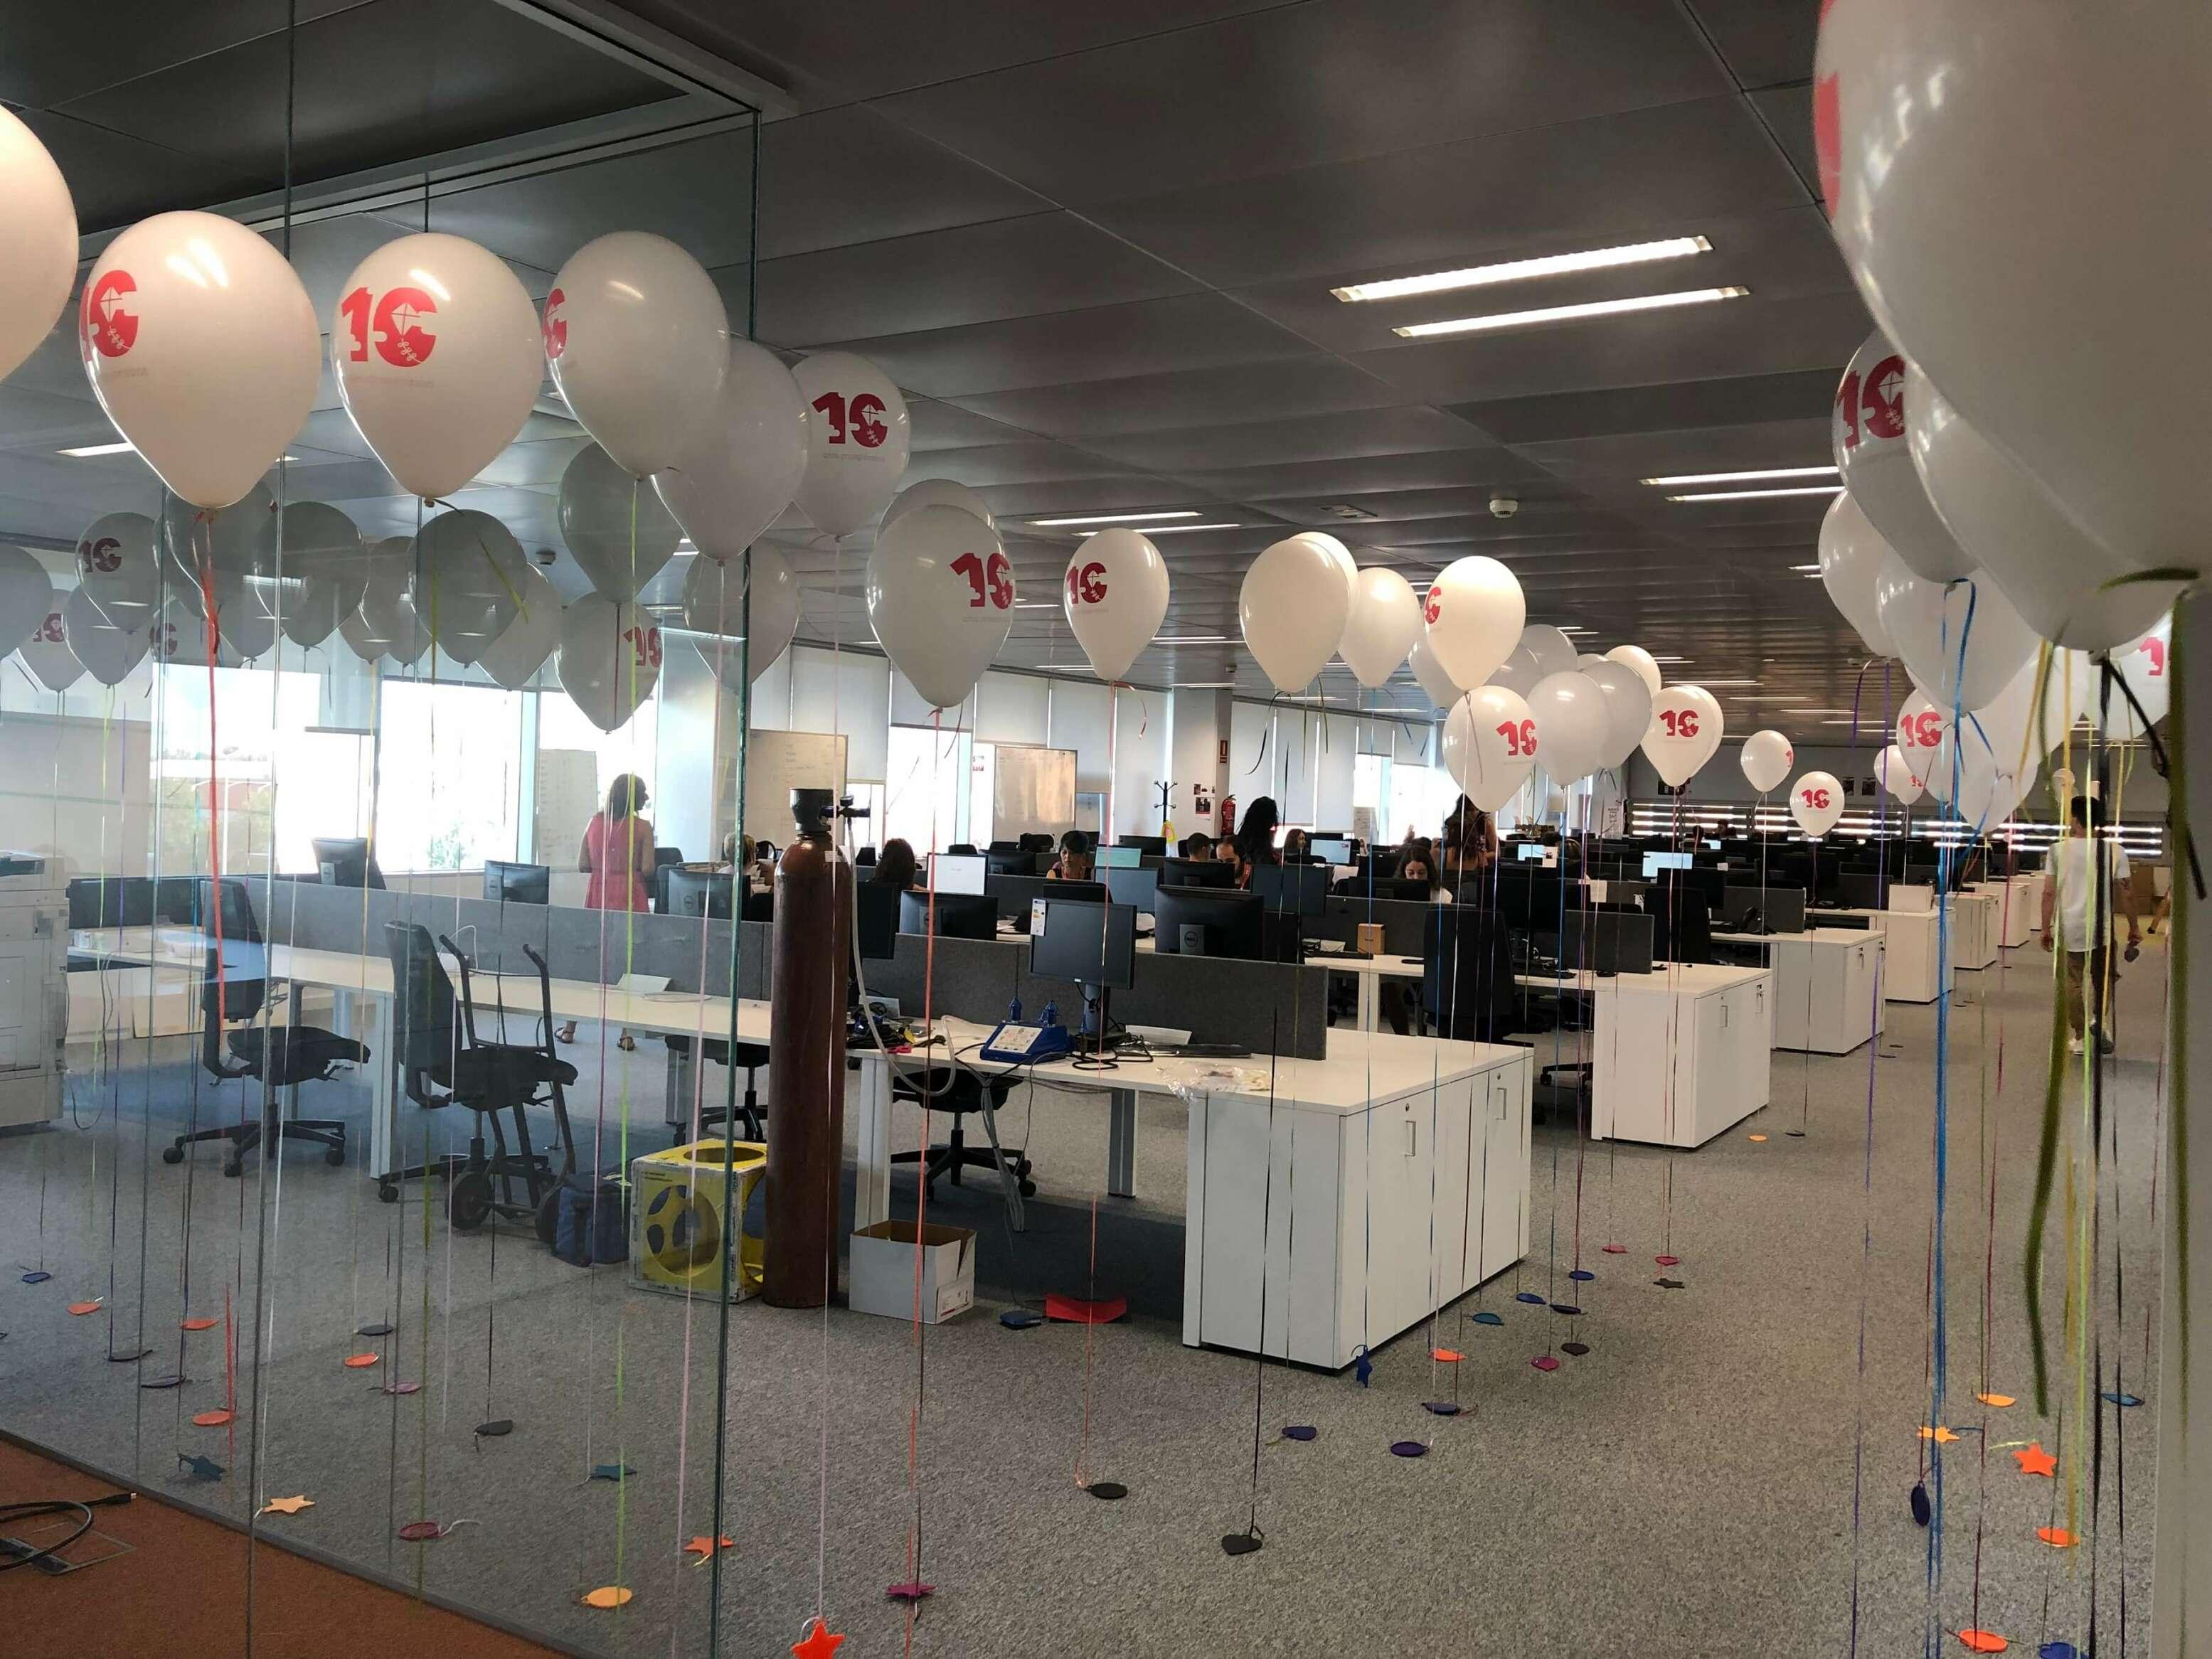 Globos impresos para celebrar logros empresariales o cumpleaños de empresa.